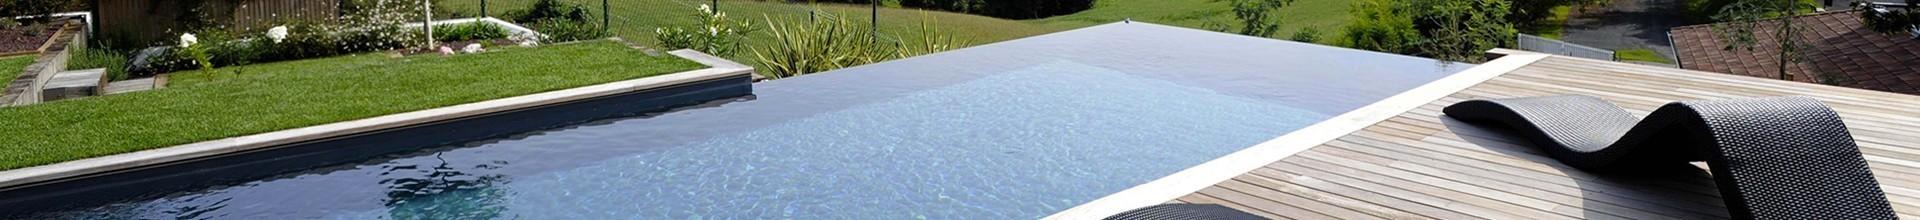 Projet piscine Pays : Italie : votre projet coque polyester